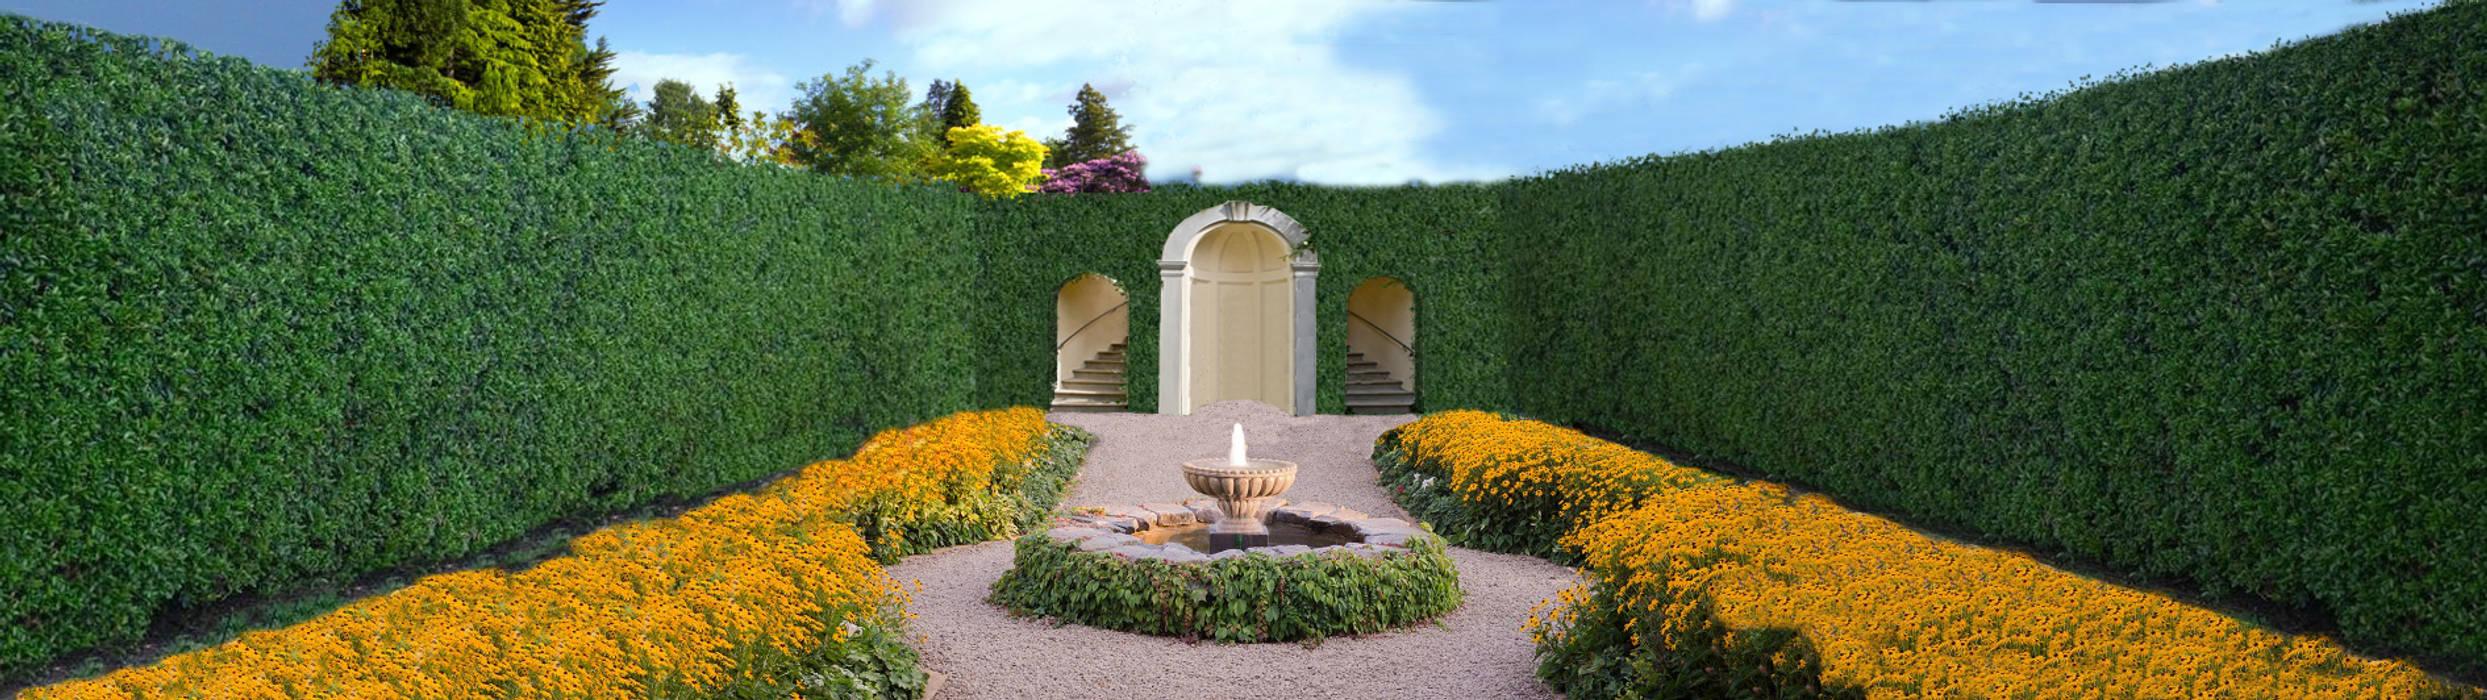 Giardino Di Una Casa giardino segreto giardino eclettico di arch. francesco